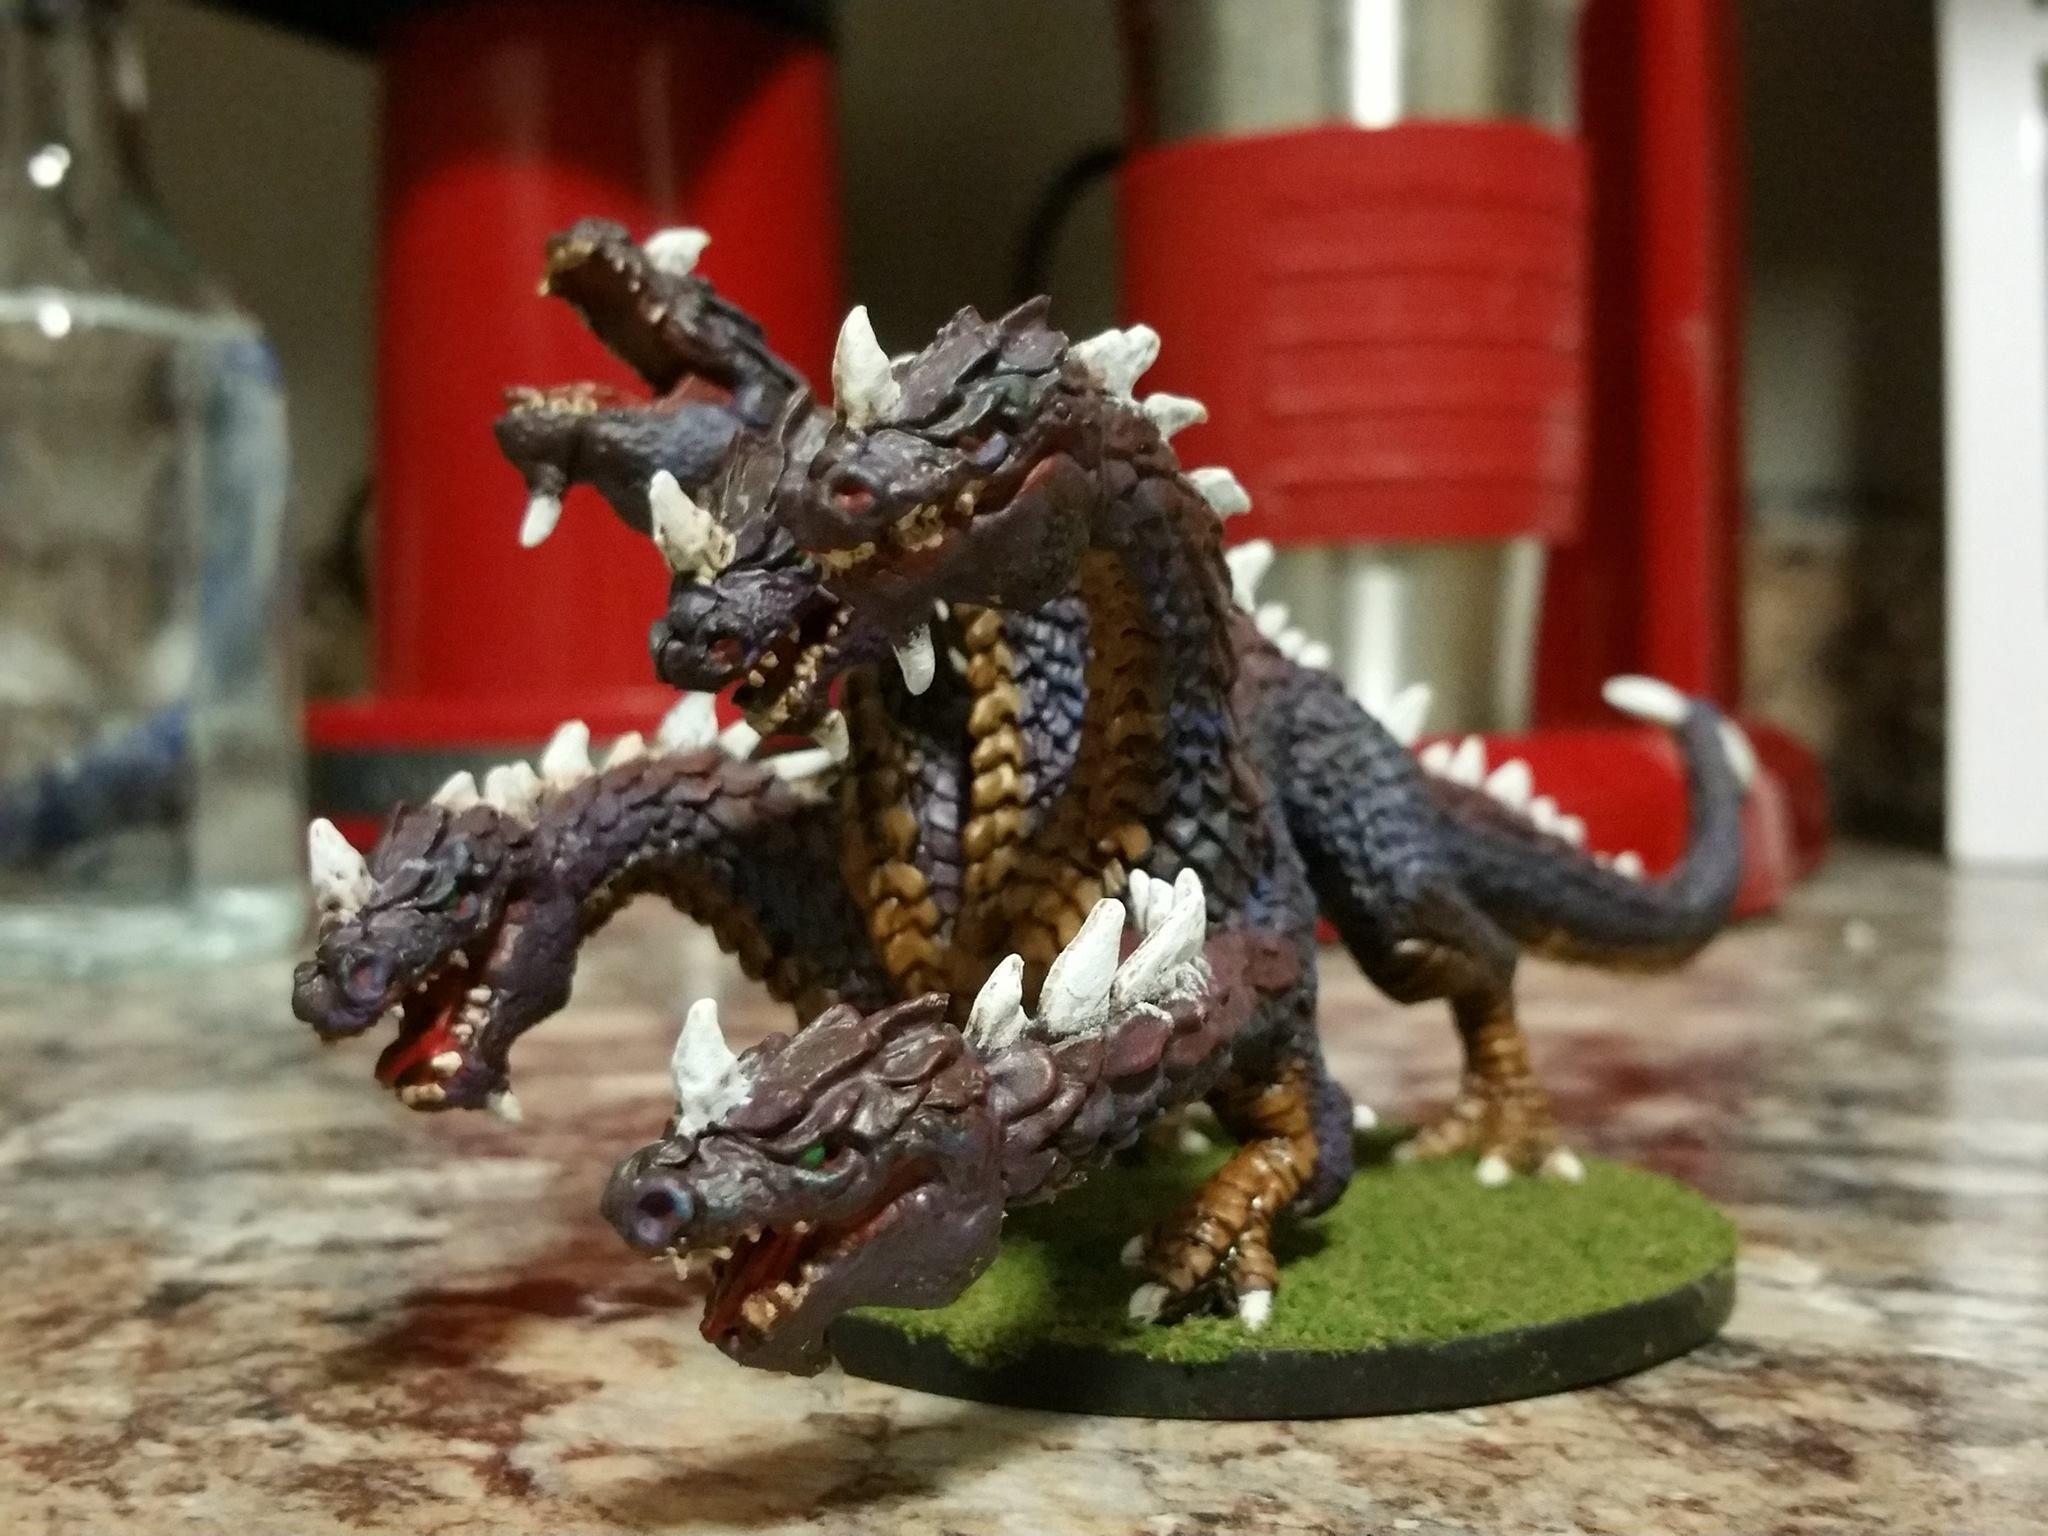 Hydra Painted Miniature Figure